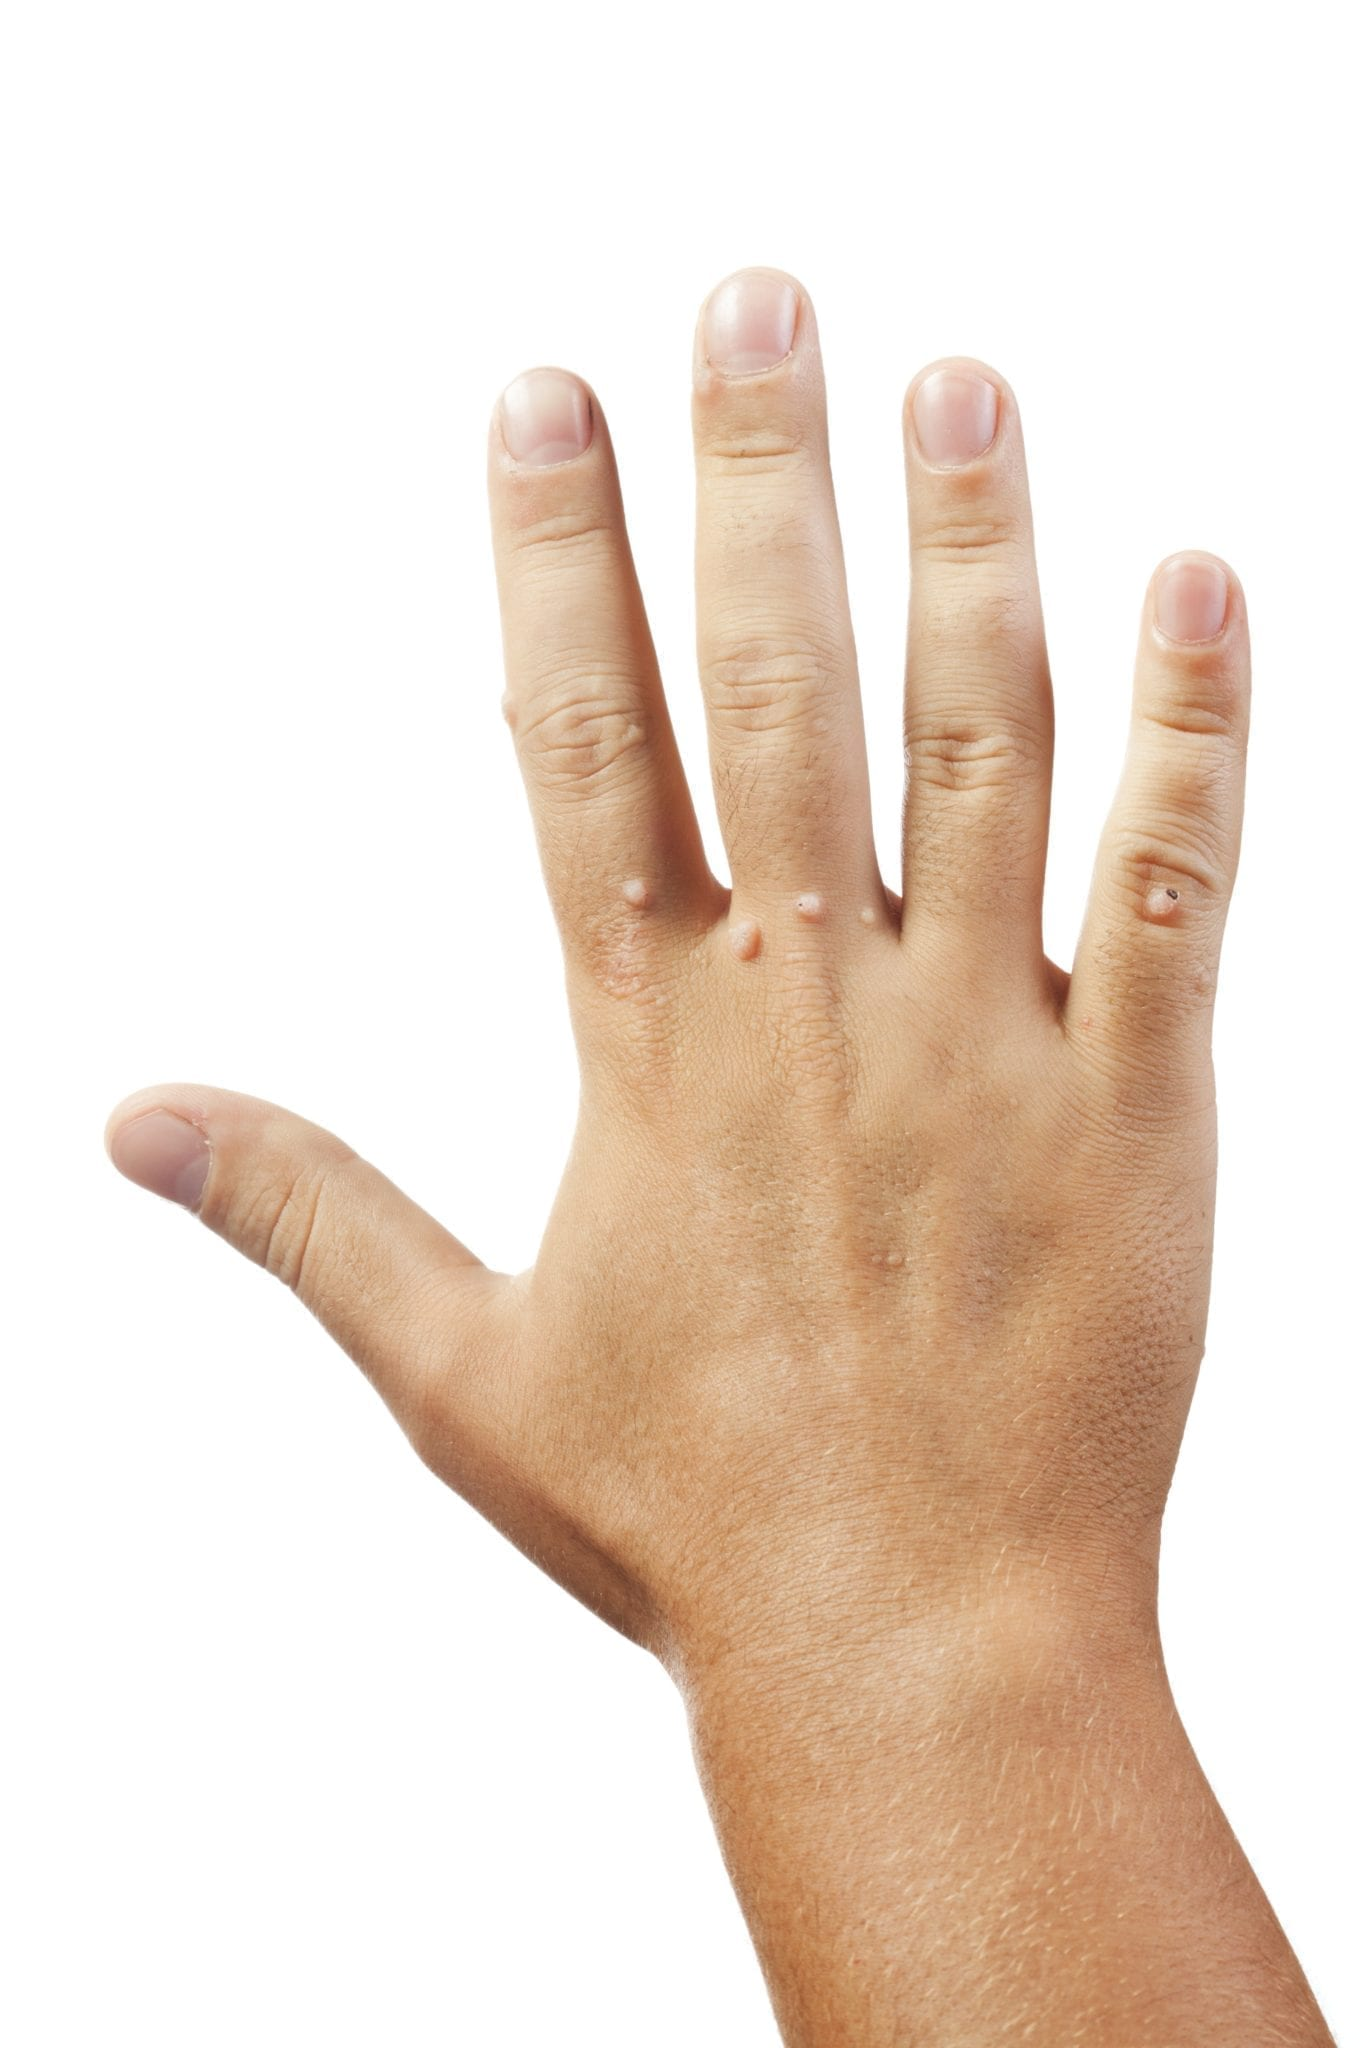 Get Rid of Ingrown Toenails | Ingrown toe nail, Ingrown nail, Remove ingrown toe nail